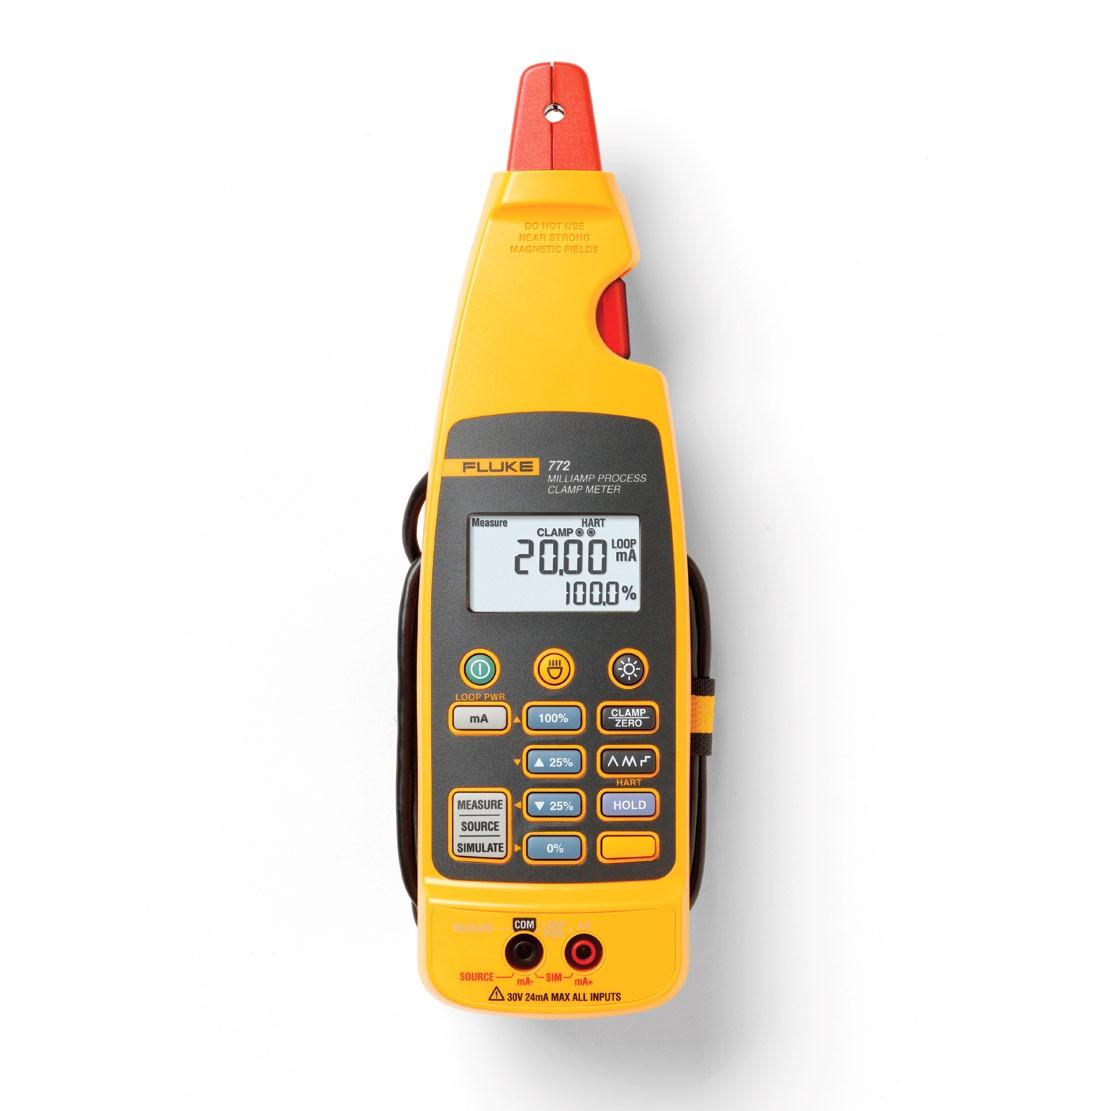 Clamp multimeter for 4-20mA Fluke 772